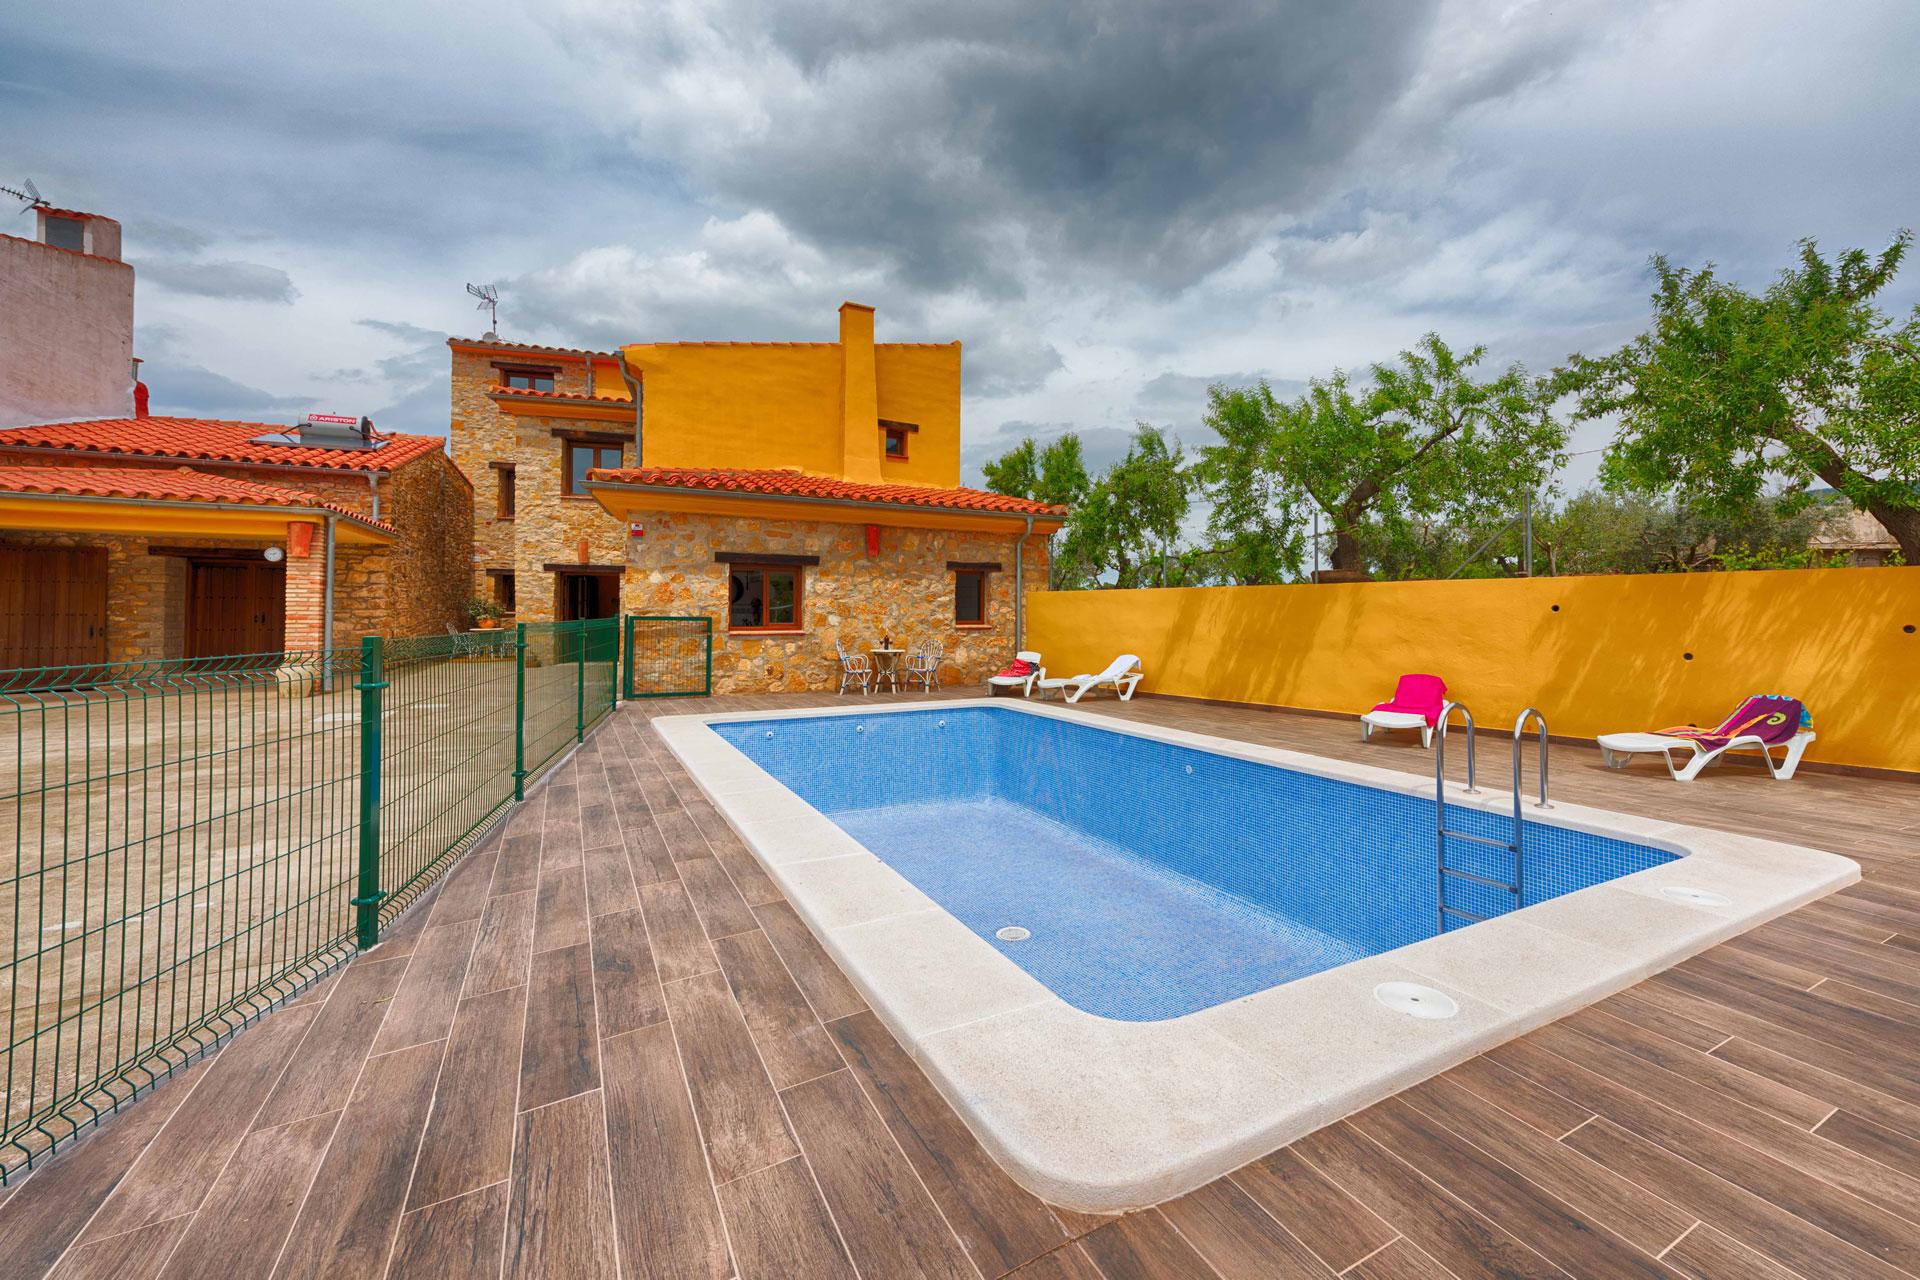 Casa rural en castell n casa rural priace for Casa rural con piscina privada